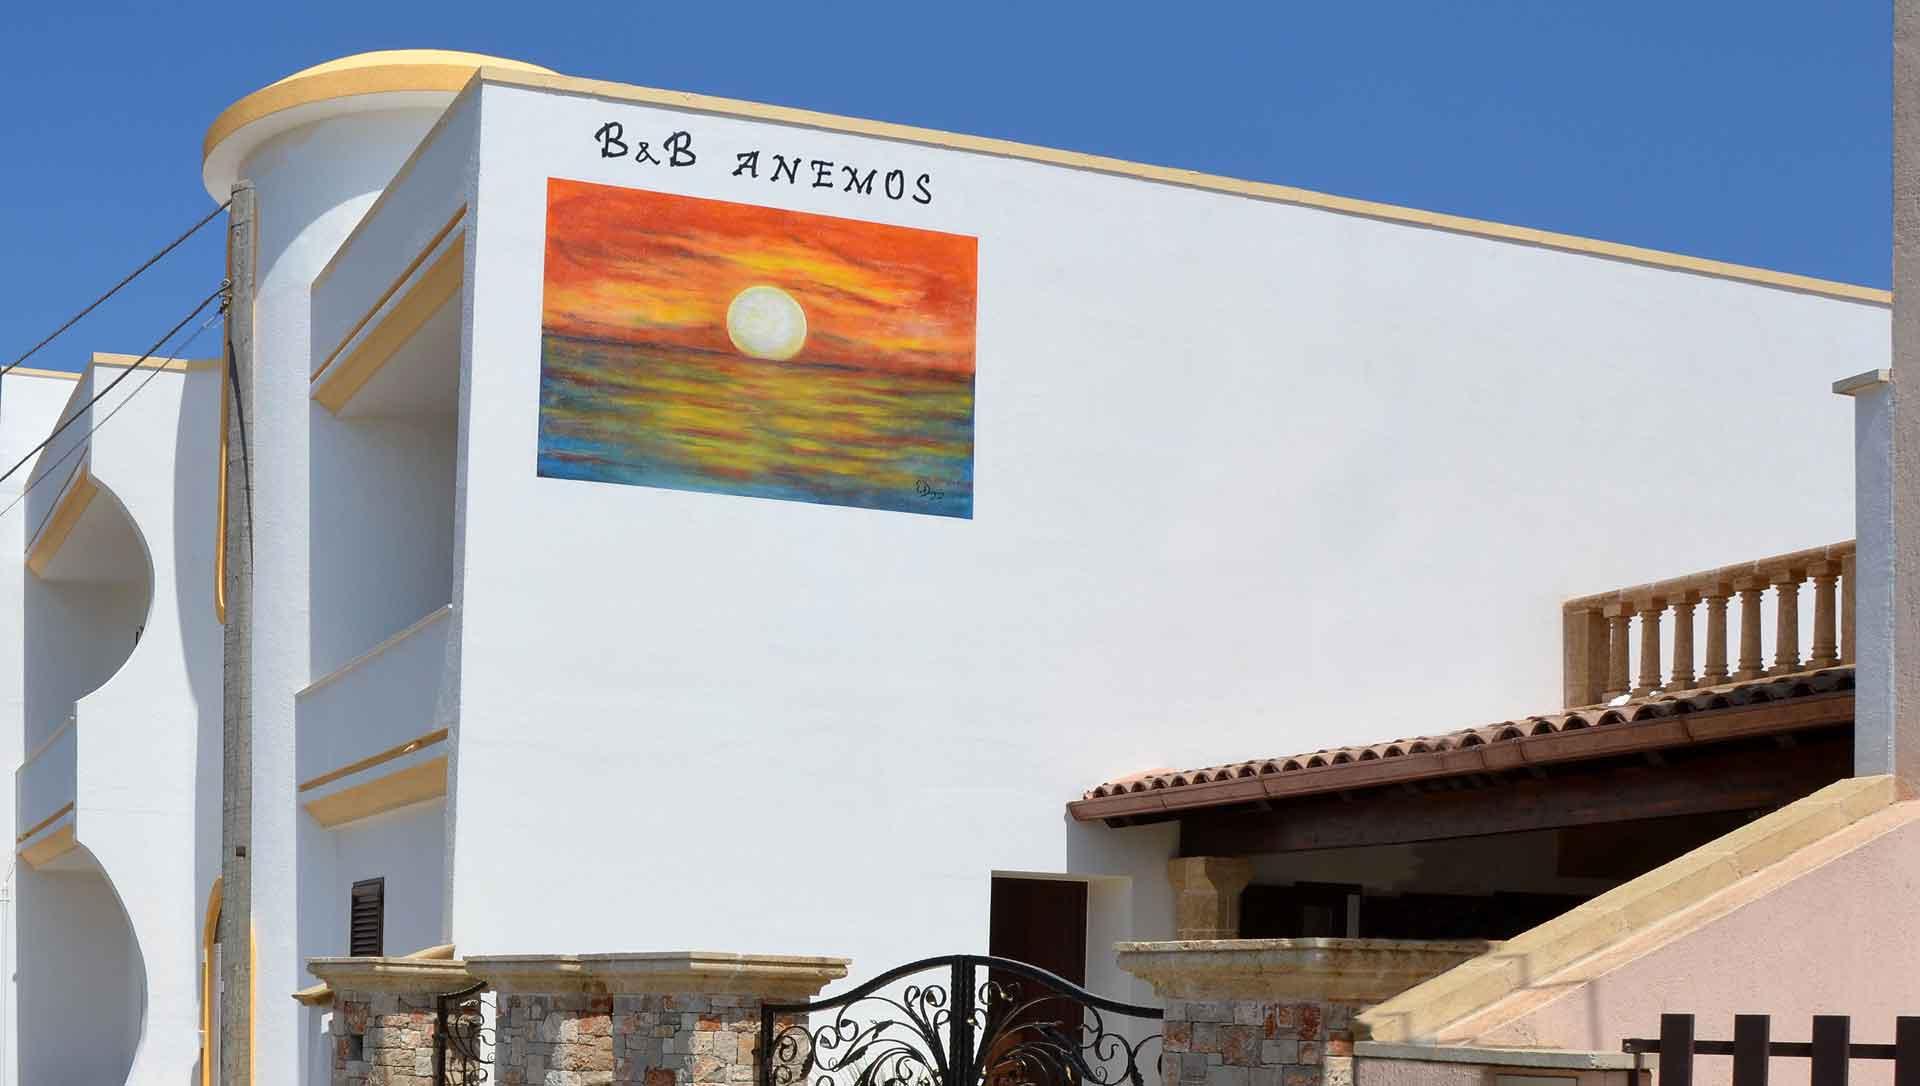 B&B Anemos - Morciano di Leuca - (Lecce), Salento - A pochi km dalla spiaggia di Pescoluse